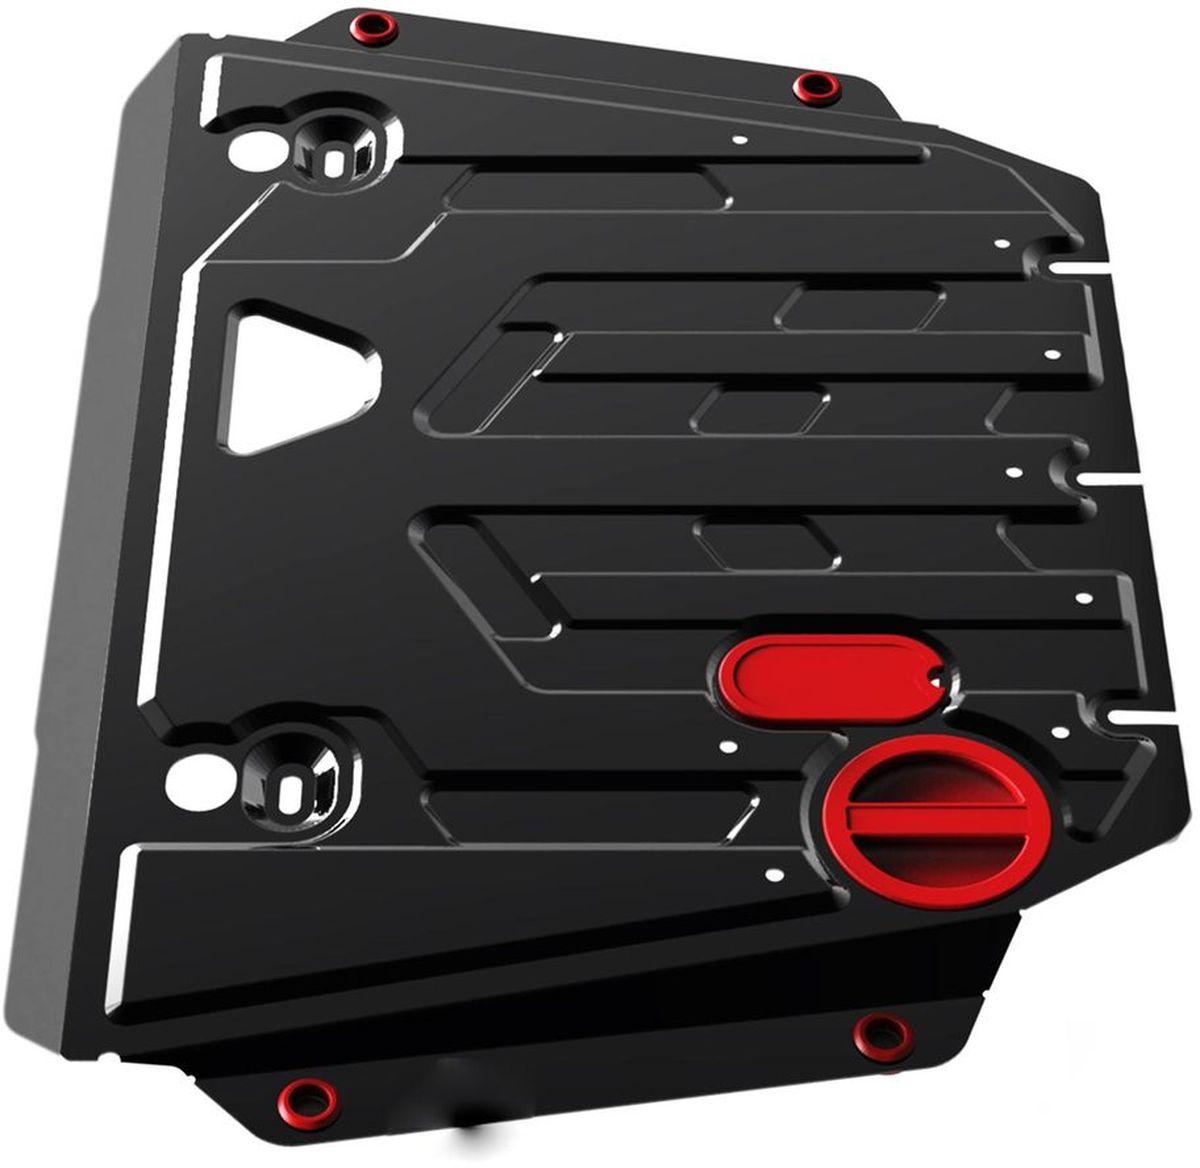 Защита картера Автоброня, для Ford Ranger V-2,2 (2012)111.01830.1Технологически совершенный продукт за невысокую стоимость. Защита разработана с учетом особенностей днища автомобиля, что позволяет сохранить дорожный просвет с минимальным изменением. Защита устанавливается в штатные места кузова автомобиля. Глубокий штамп обеспечивает до двух раз больше жесткости в сравнении с обычной защитой той же толщины. Проштампованные ребра жесткости препятствуют деформации защиты при ударах. Тепловой зазор и вентиляционные отверстия обеспечивают сохранение температурного режима двигателя в норме. Скрытый крепеж предотвращает срыв крепежных элементов при наезде на препятствие. Шумопоглощающие резиновые элементы обеспечивают комфортную езду без вибраций и скрежета металла, а съемные лючки для слива масла и замены фильтра - экономию средств и время. Конструкция изделия не влияет на пассивную безопасность автомобиля (при ударе защита не воздействует на деформационные зоны кузова). Со штатным крепежом. В комплекте инструкция по установке....